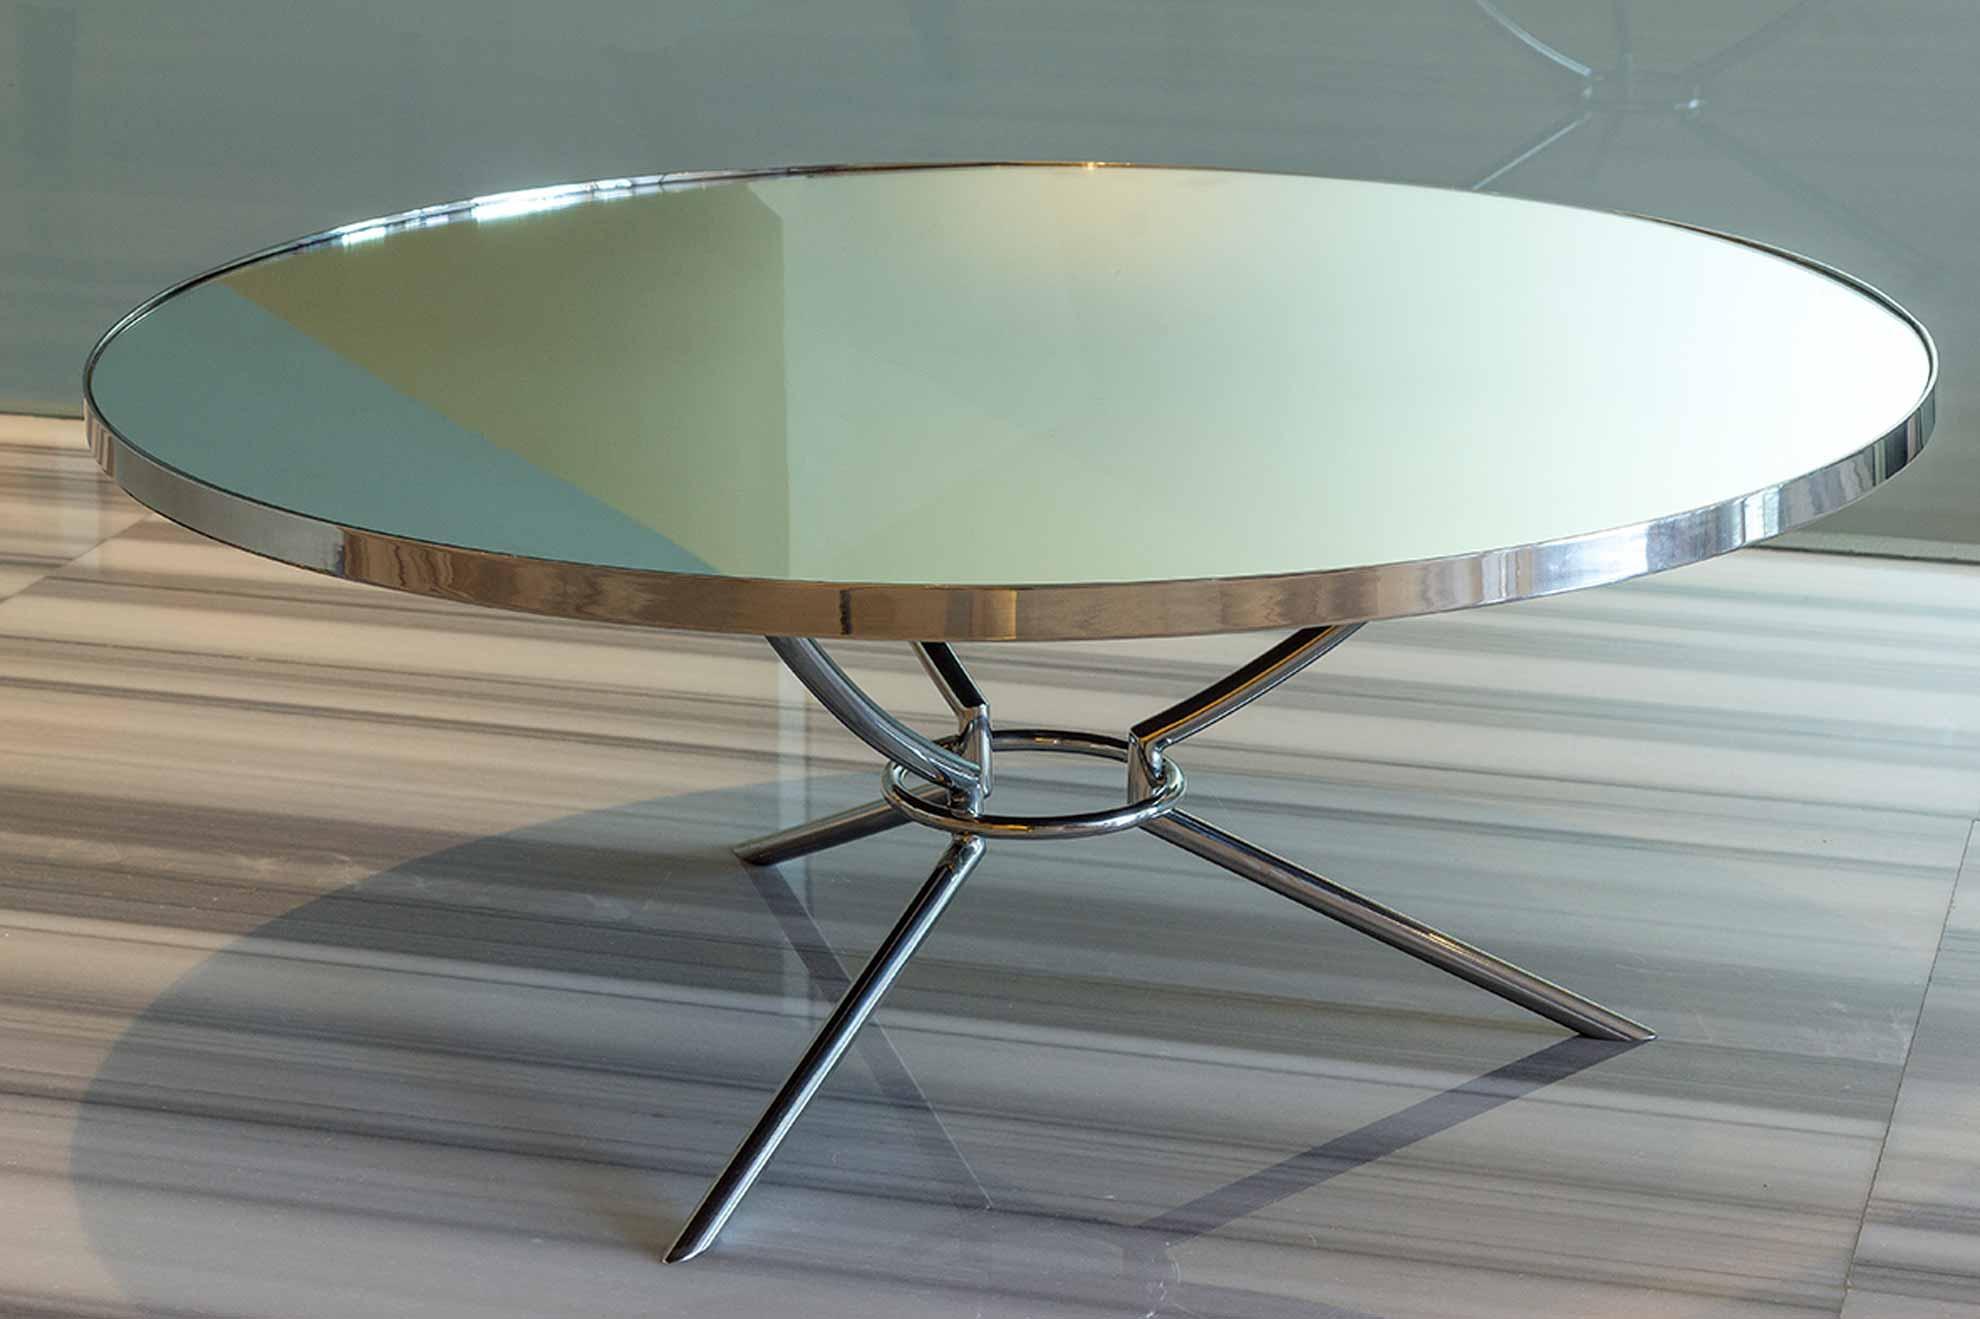 Mesa de acero cromado con cubierta de espejo y patas de acero, una pieza creada por Depa 102